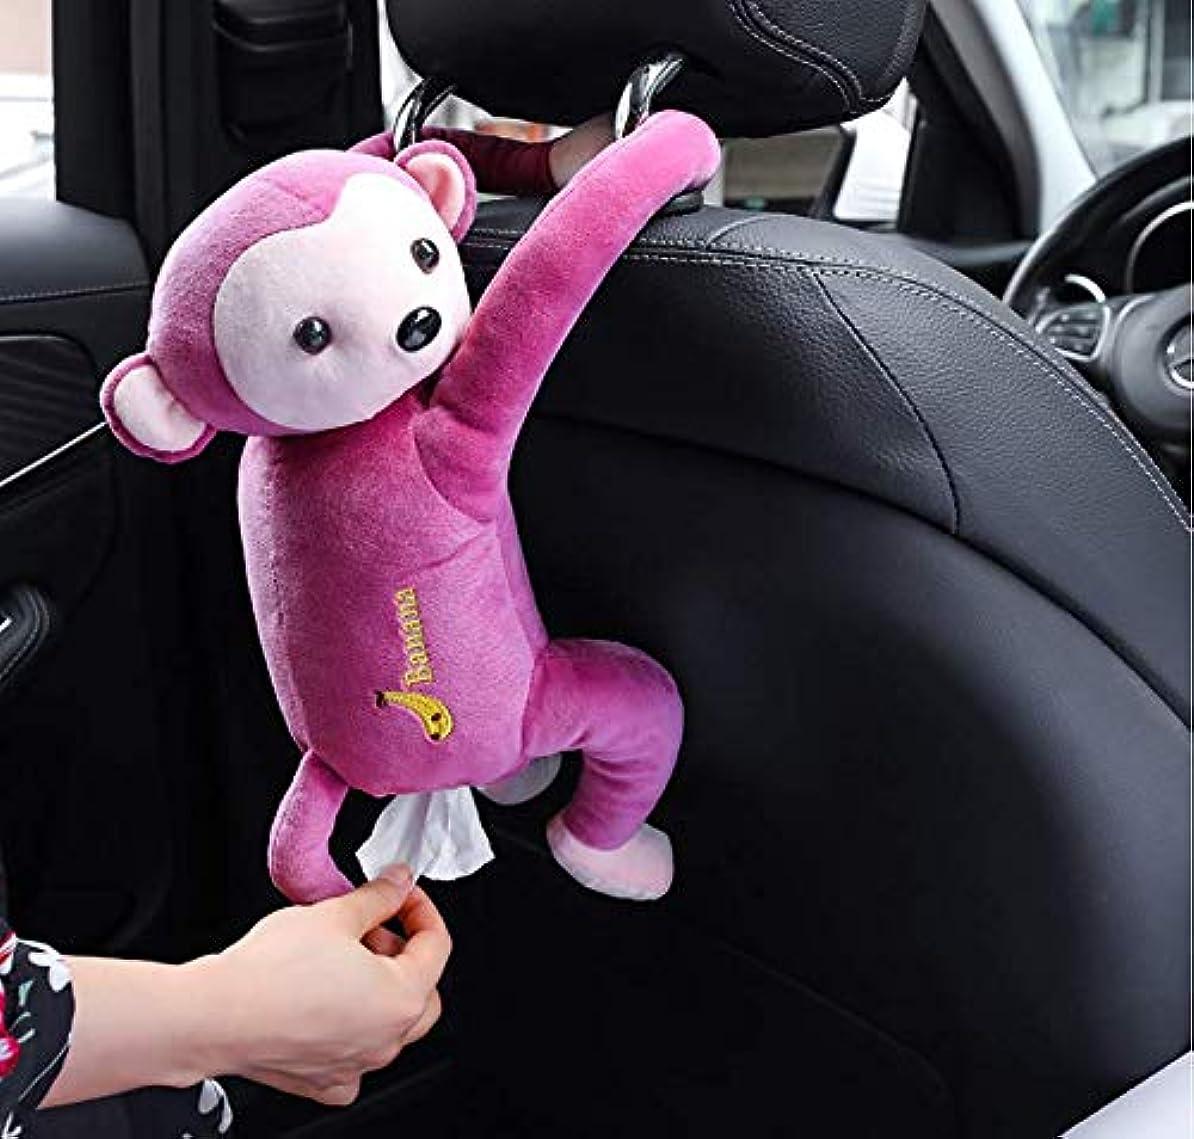 花束無意識提出するCozyswan さるスタイルティッシュボックス おもしろい 両手にボタンで嵌め込む 車内 掛ける可能 かわいい お尻から引き出す